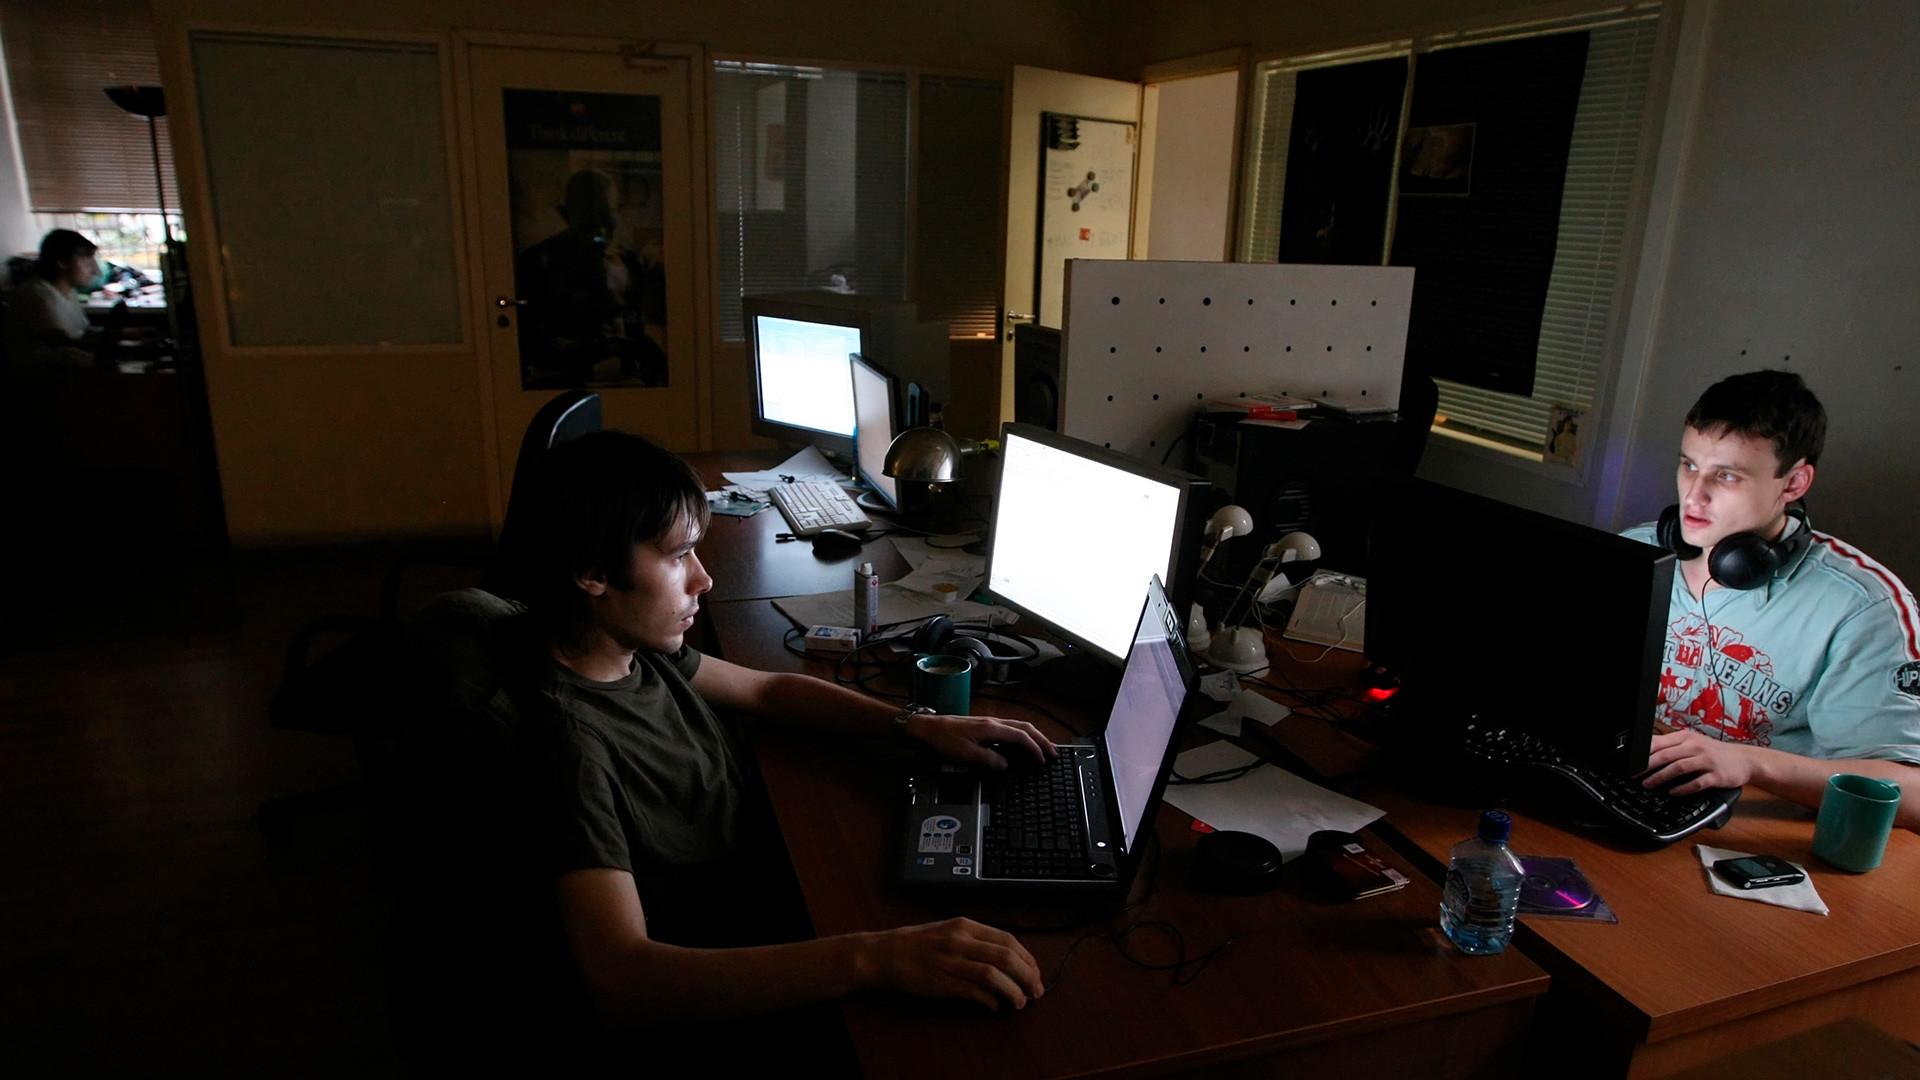 Trabajadores en el estudio Art.Lebedev.